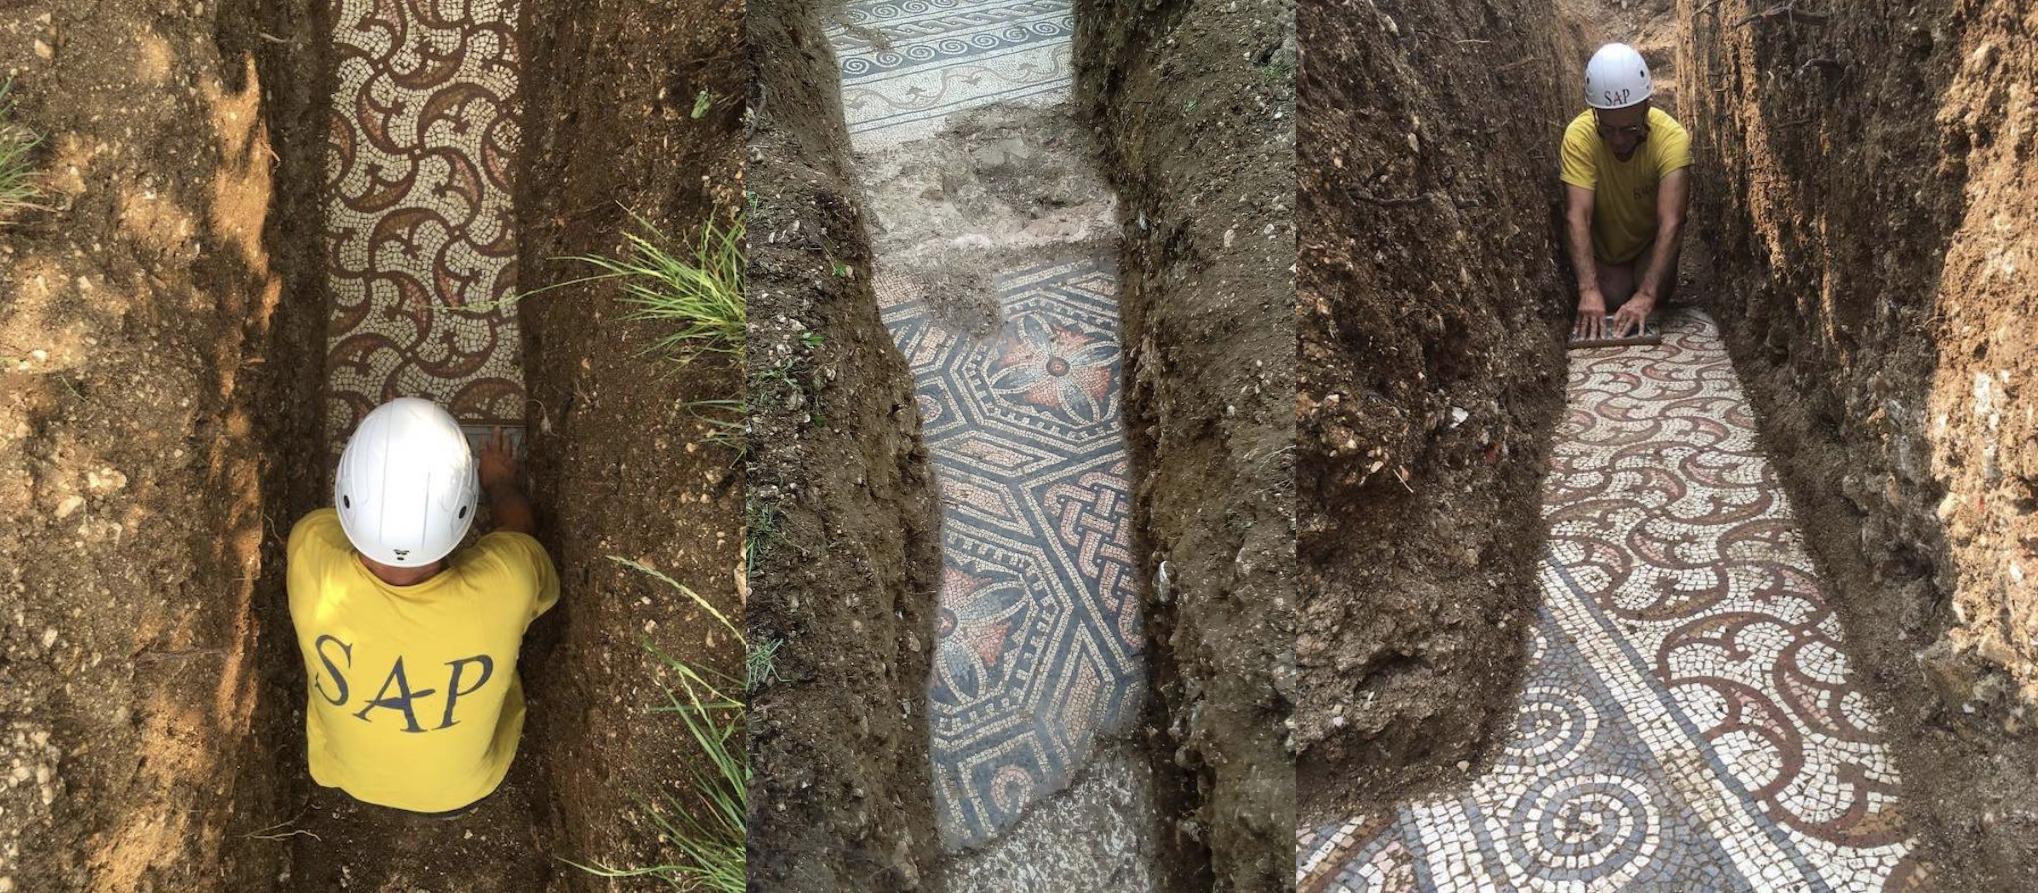 Negrar (Valpolicella): Das Mosaik unter dem Weinberg geht um die Welt